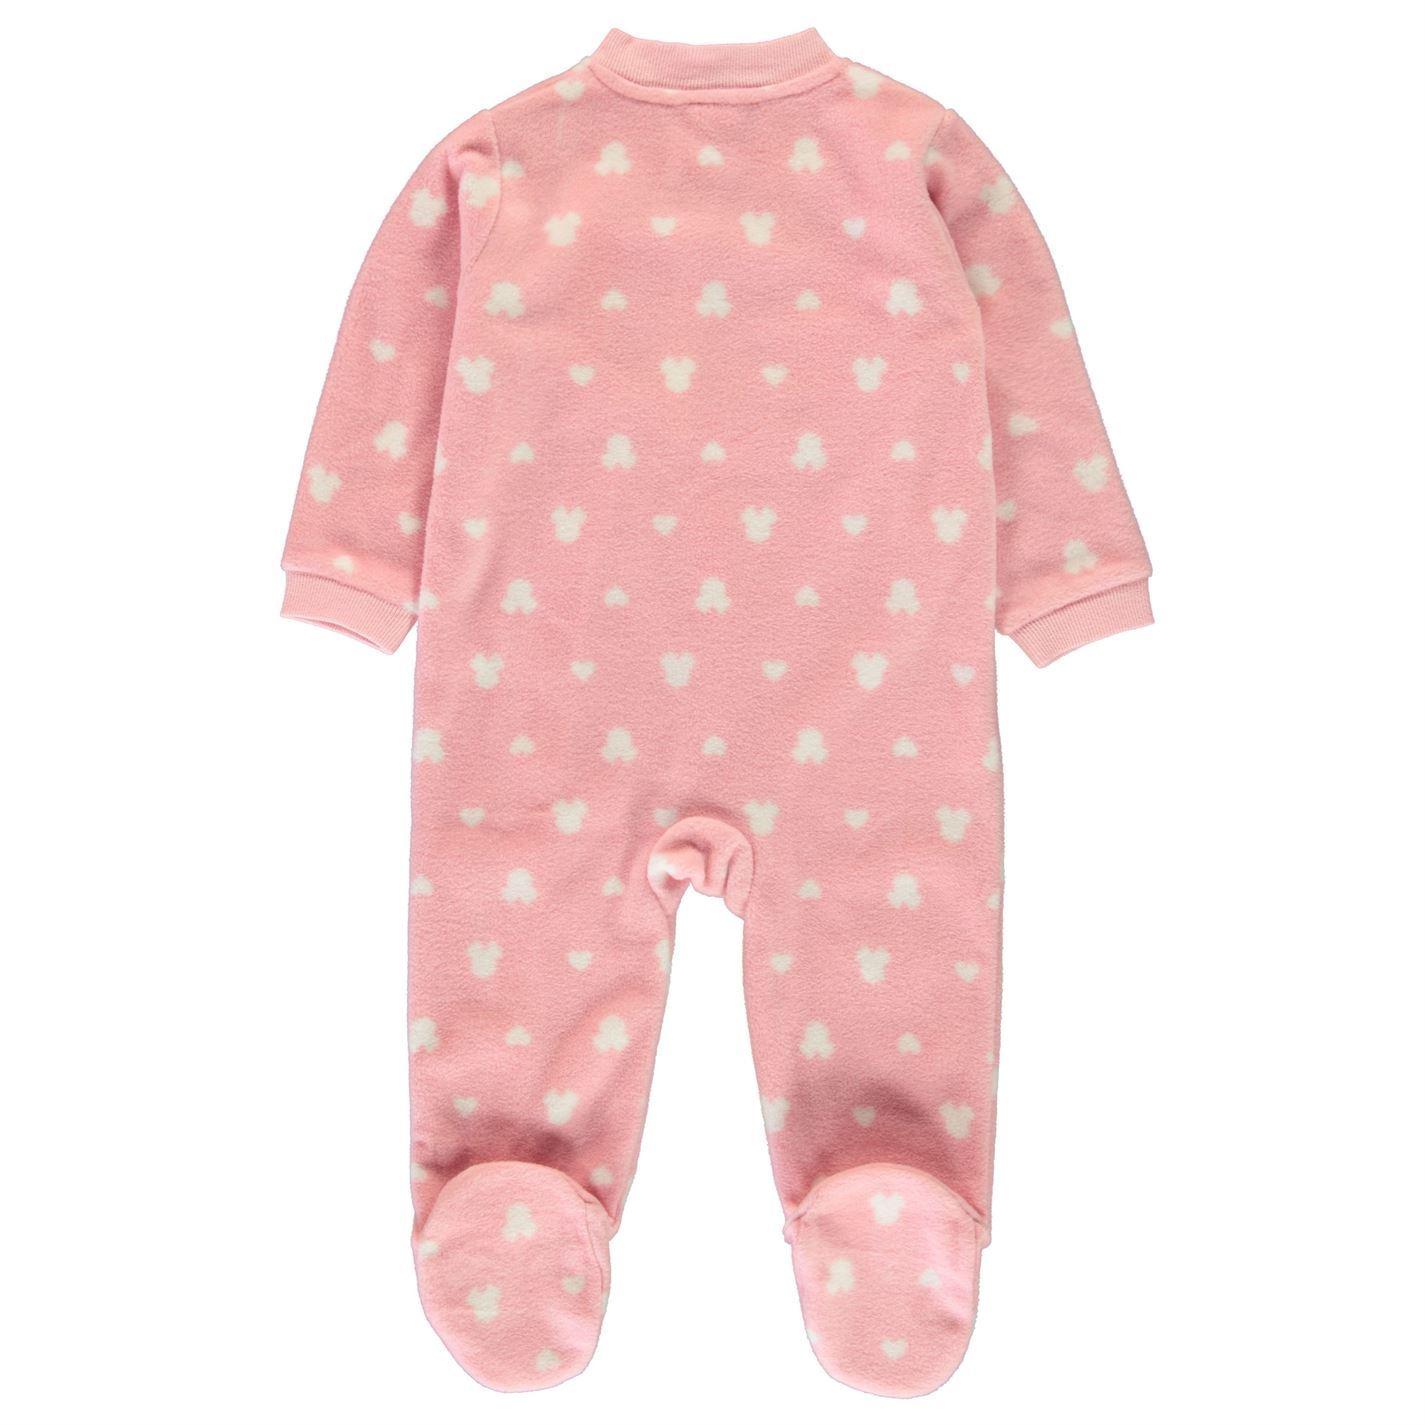 627c10e23b ... Minnie Mouse Einteiliger Schlafanzug Baby Mädchen Charakter Tragen Pink  All in One